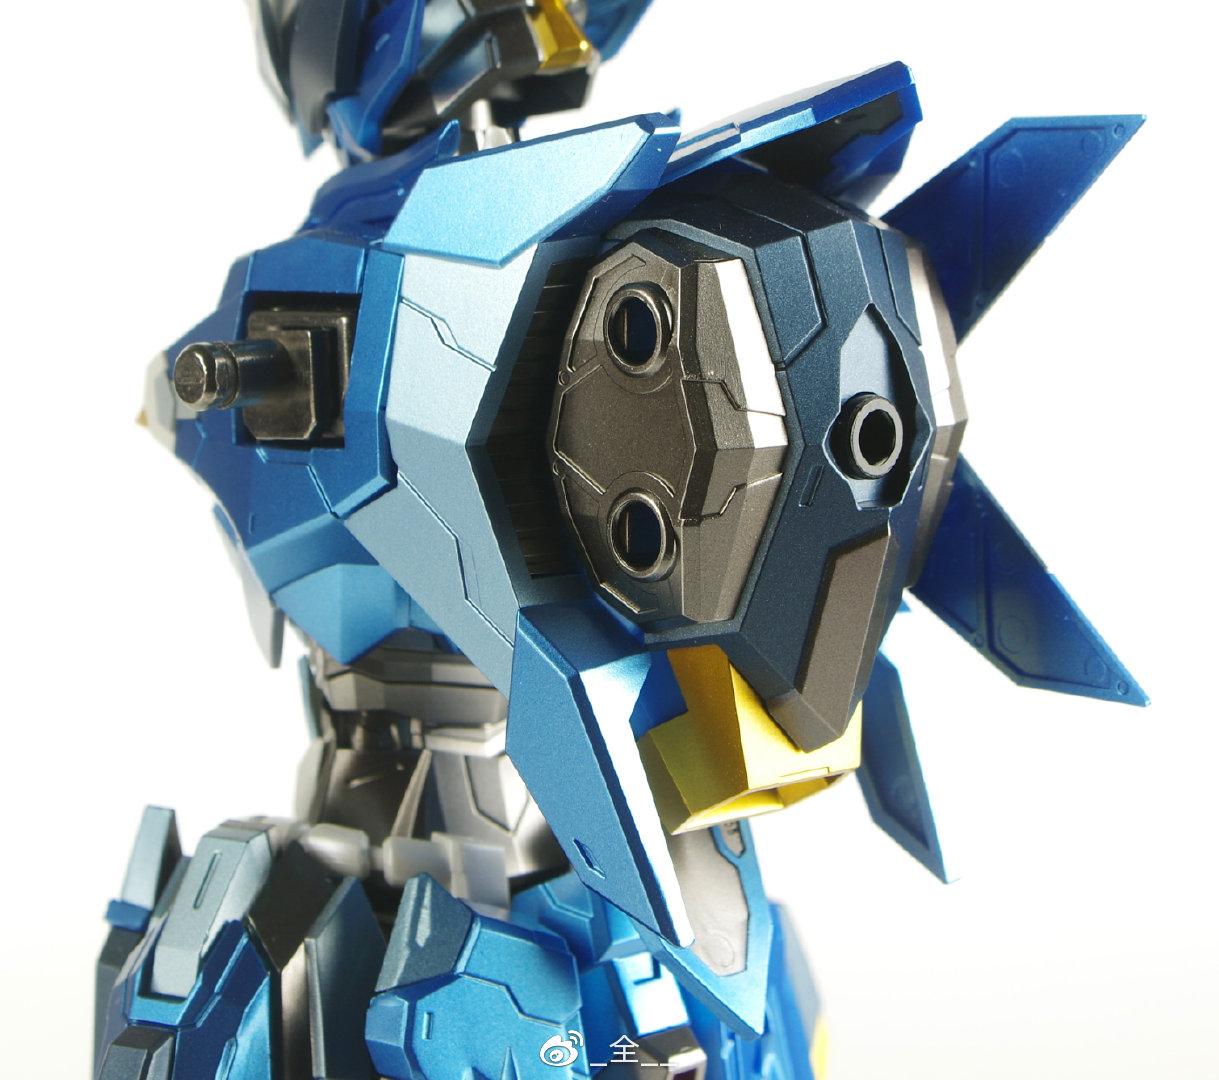 S470_MOTOR_NUCLEAR_MN_Q03_blue_gragon_ao_bing_di_hui_xing_han_long_zi_034.jpg